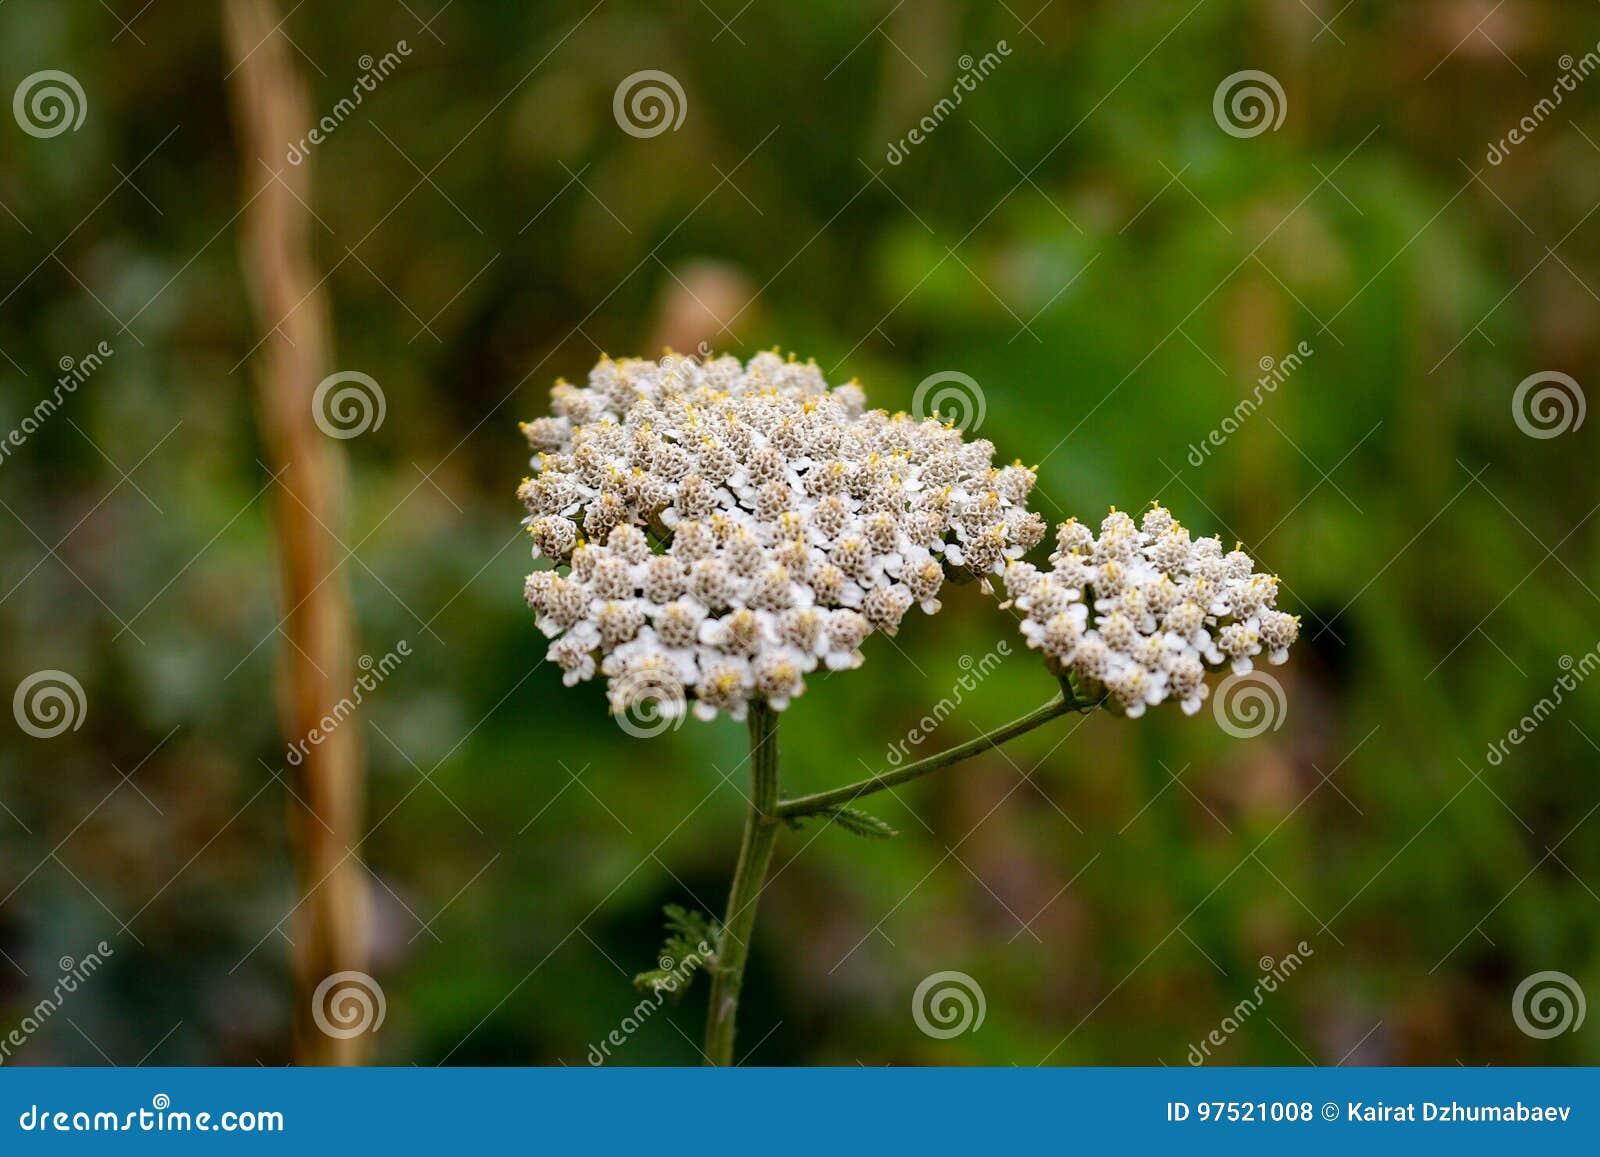 ¿Plantas o flor?